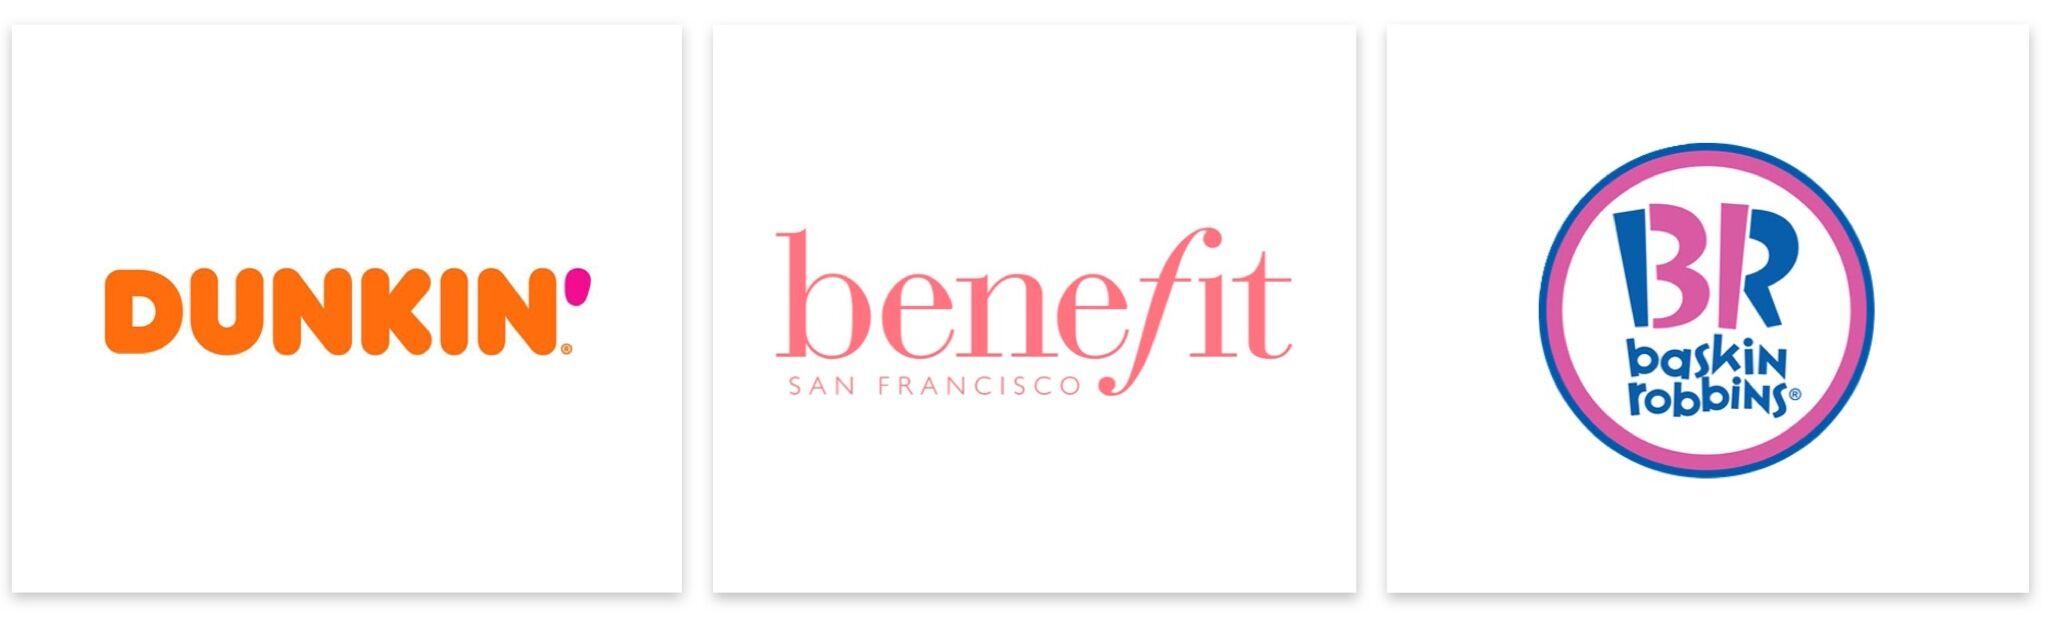 pink logos-dunkin' donuts-benefit-baskin robbins